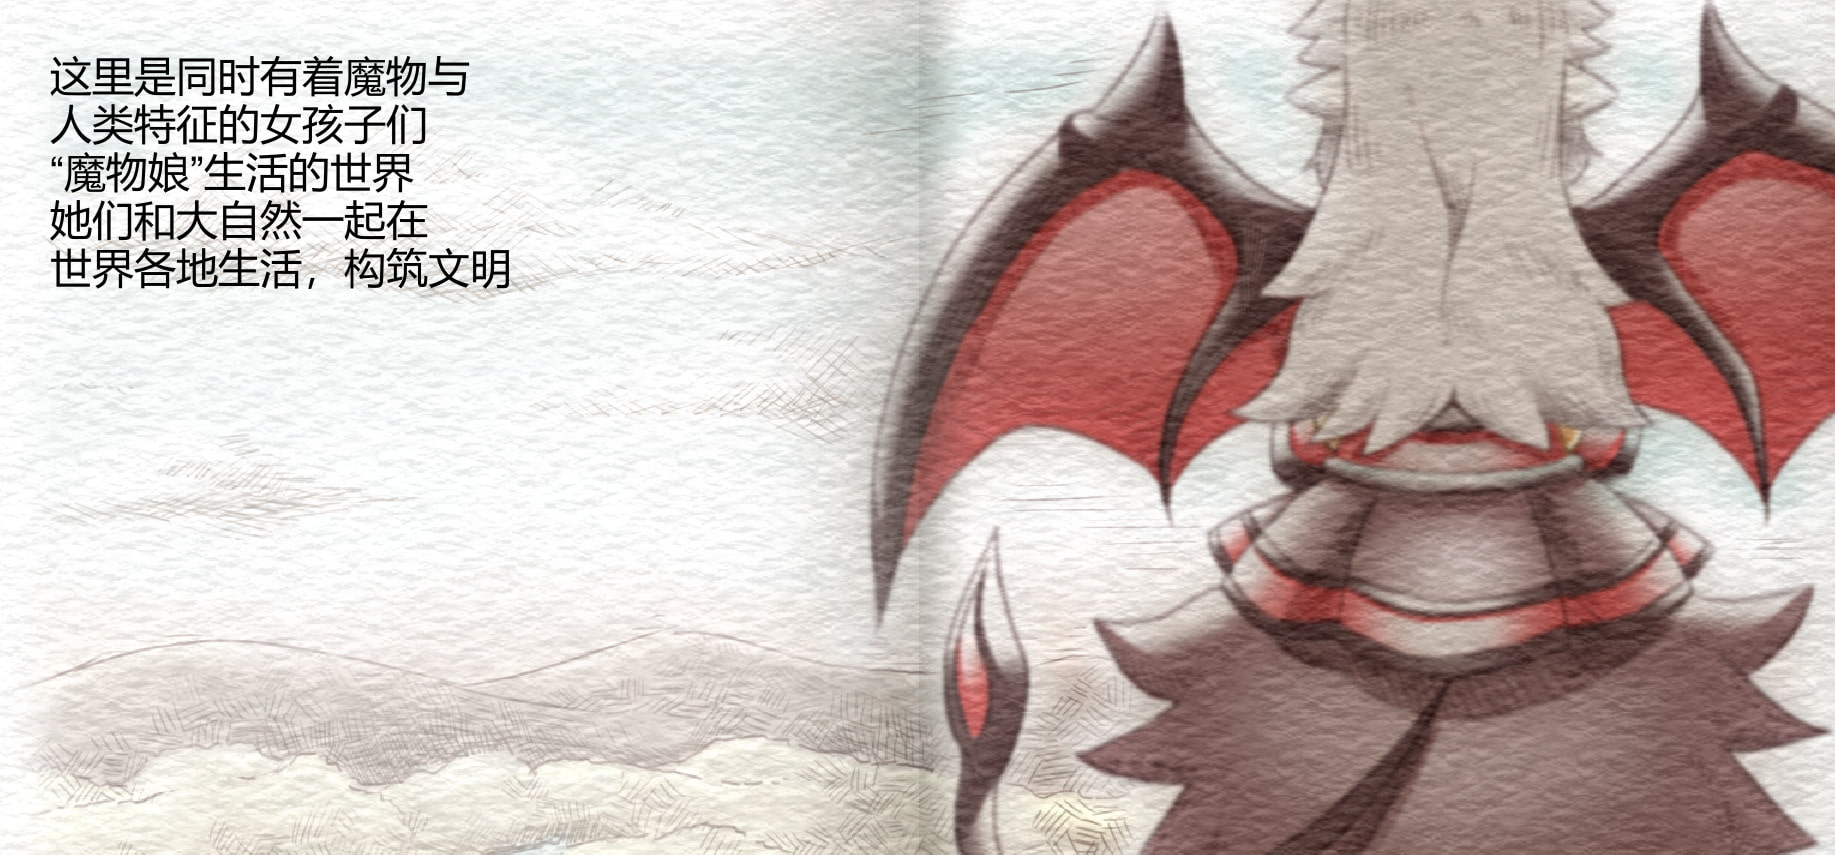 サキュバスアフェクション ~SuccubusAffection~ 【中国簡体字・繁体字版】のサンプル画像1